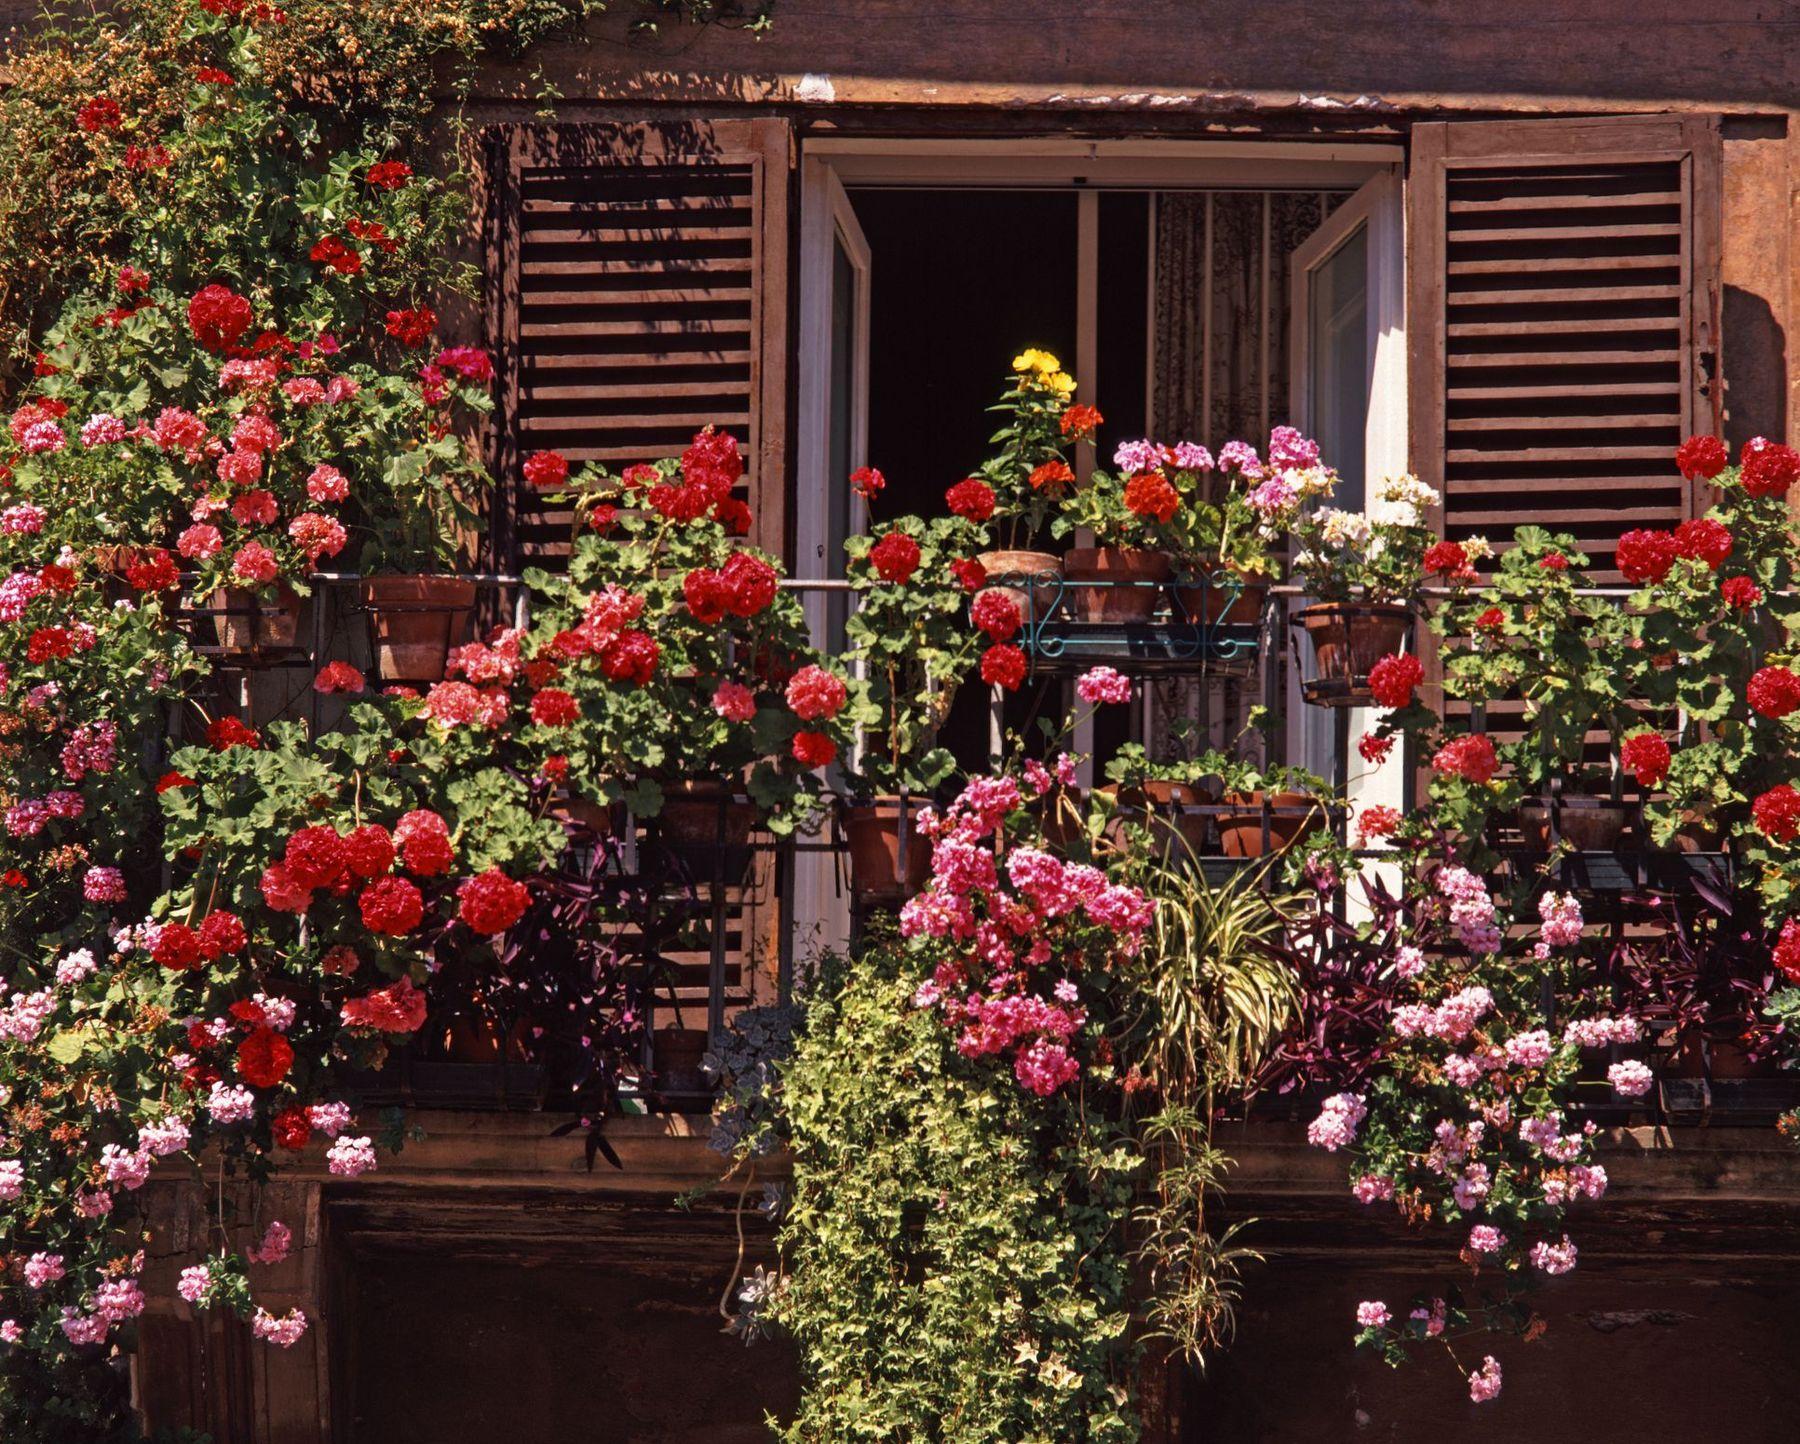 Trang trí ban công bằng hoa hồng leo